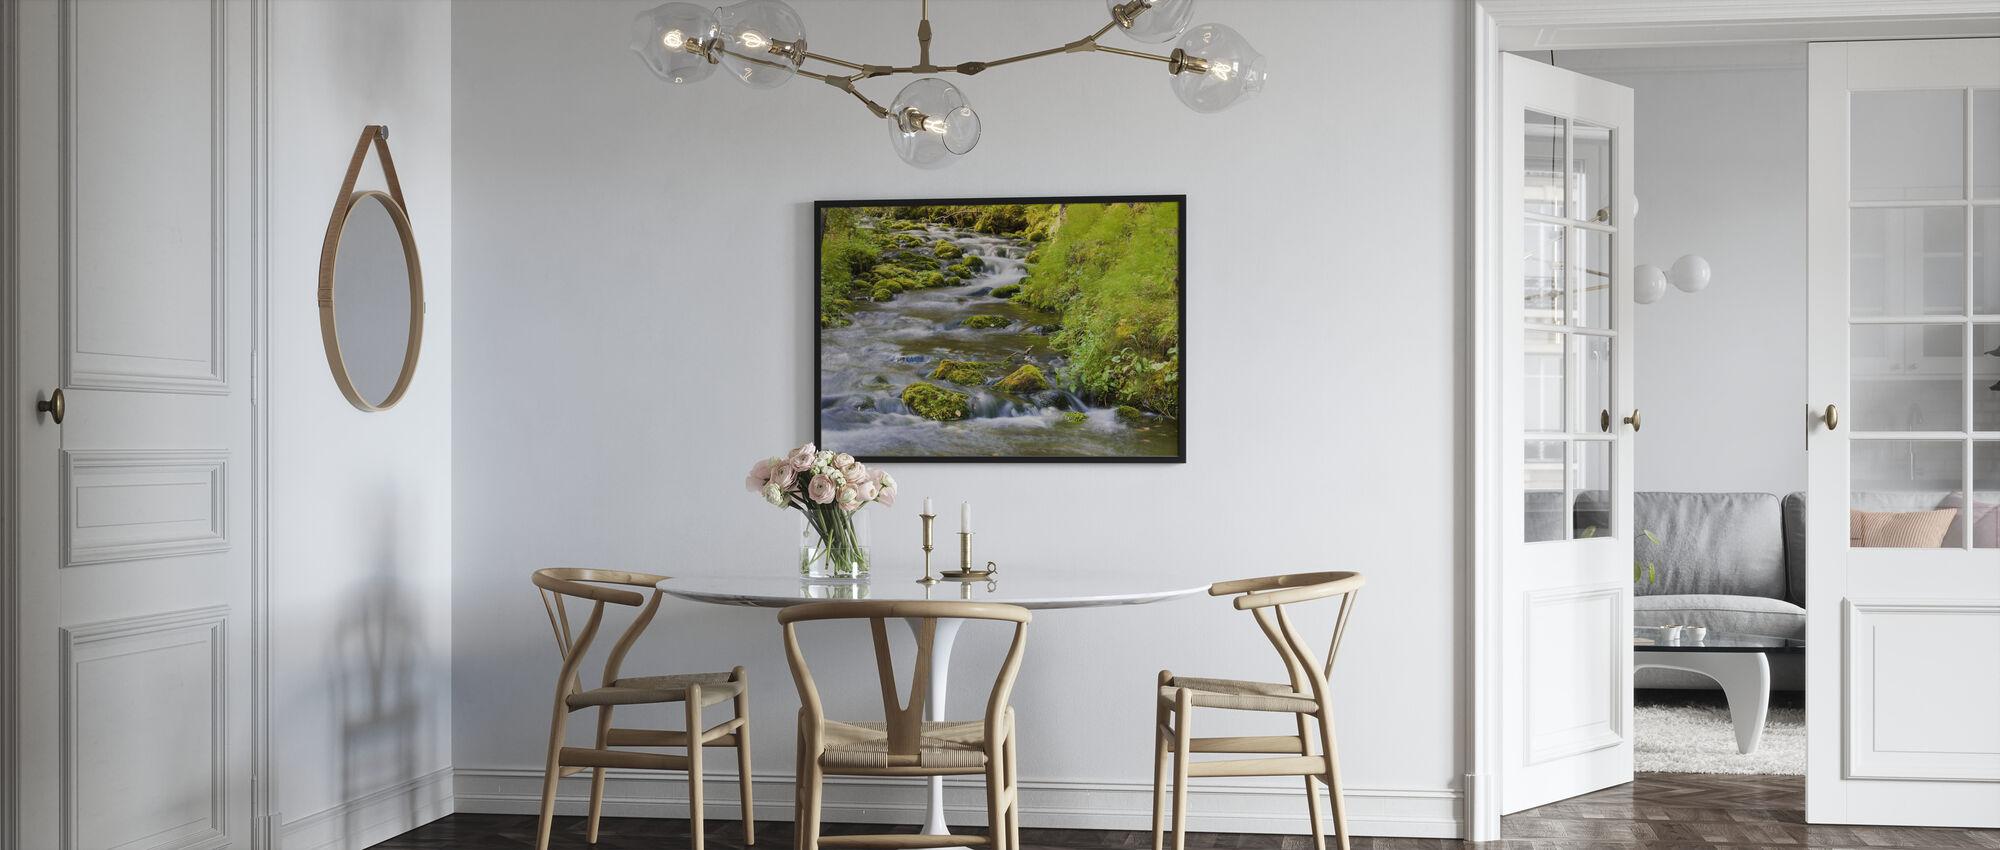 Vaarkankuru River - Poster - Kitchen